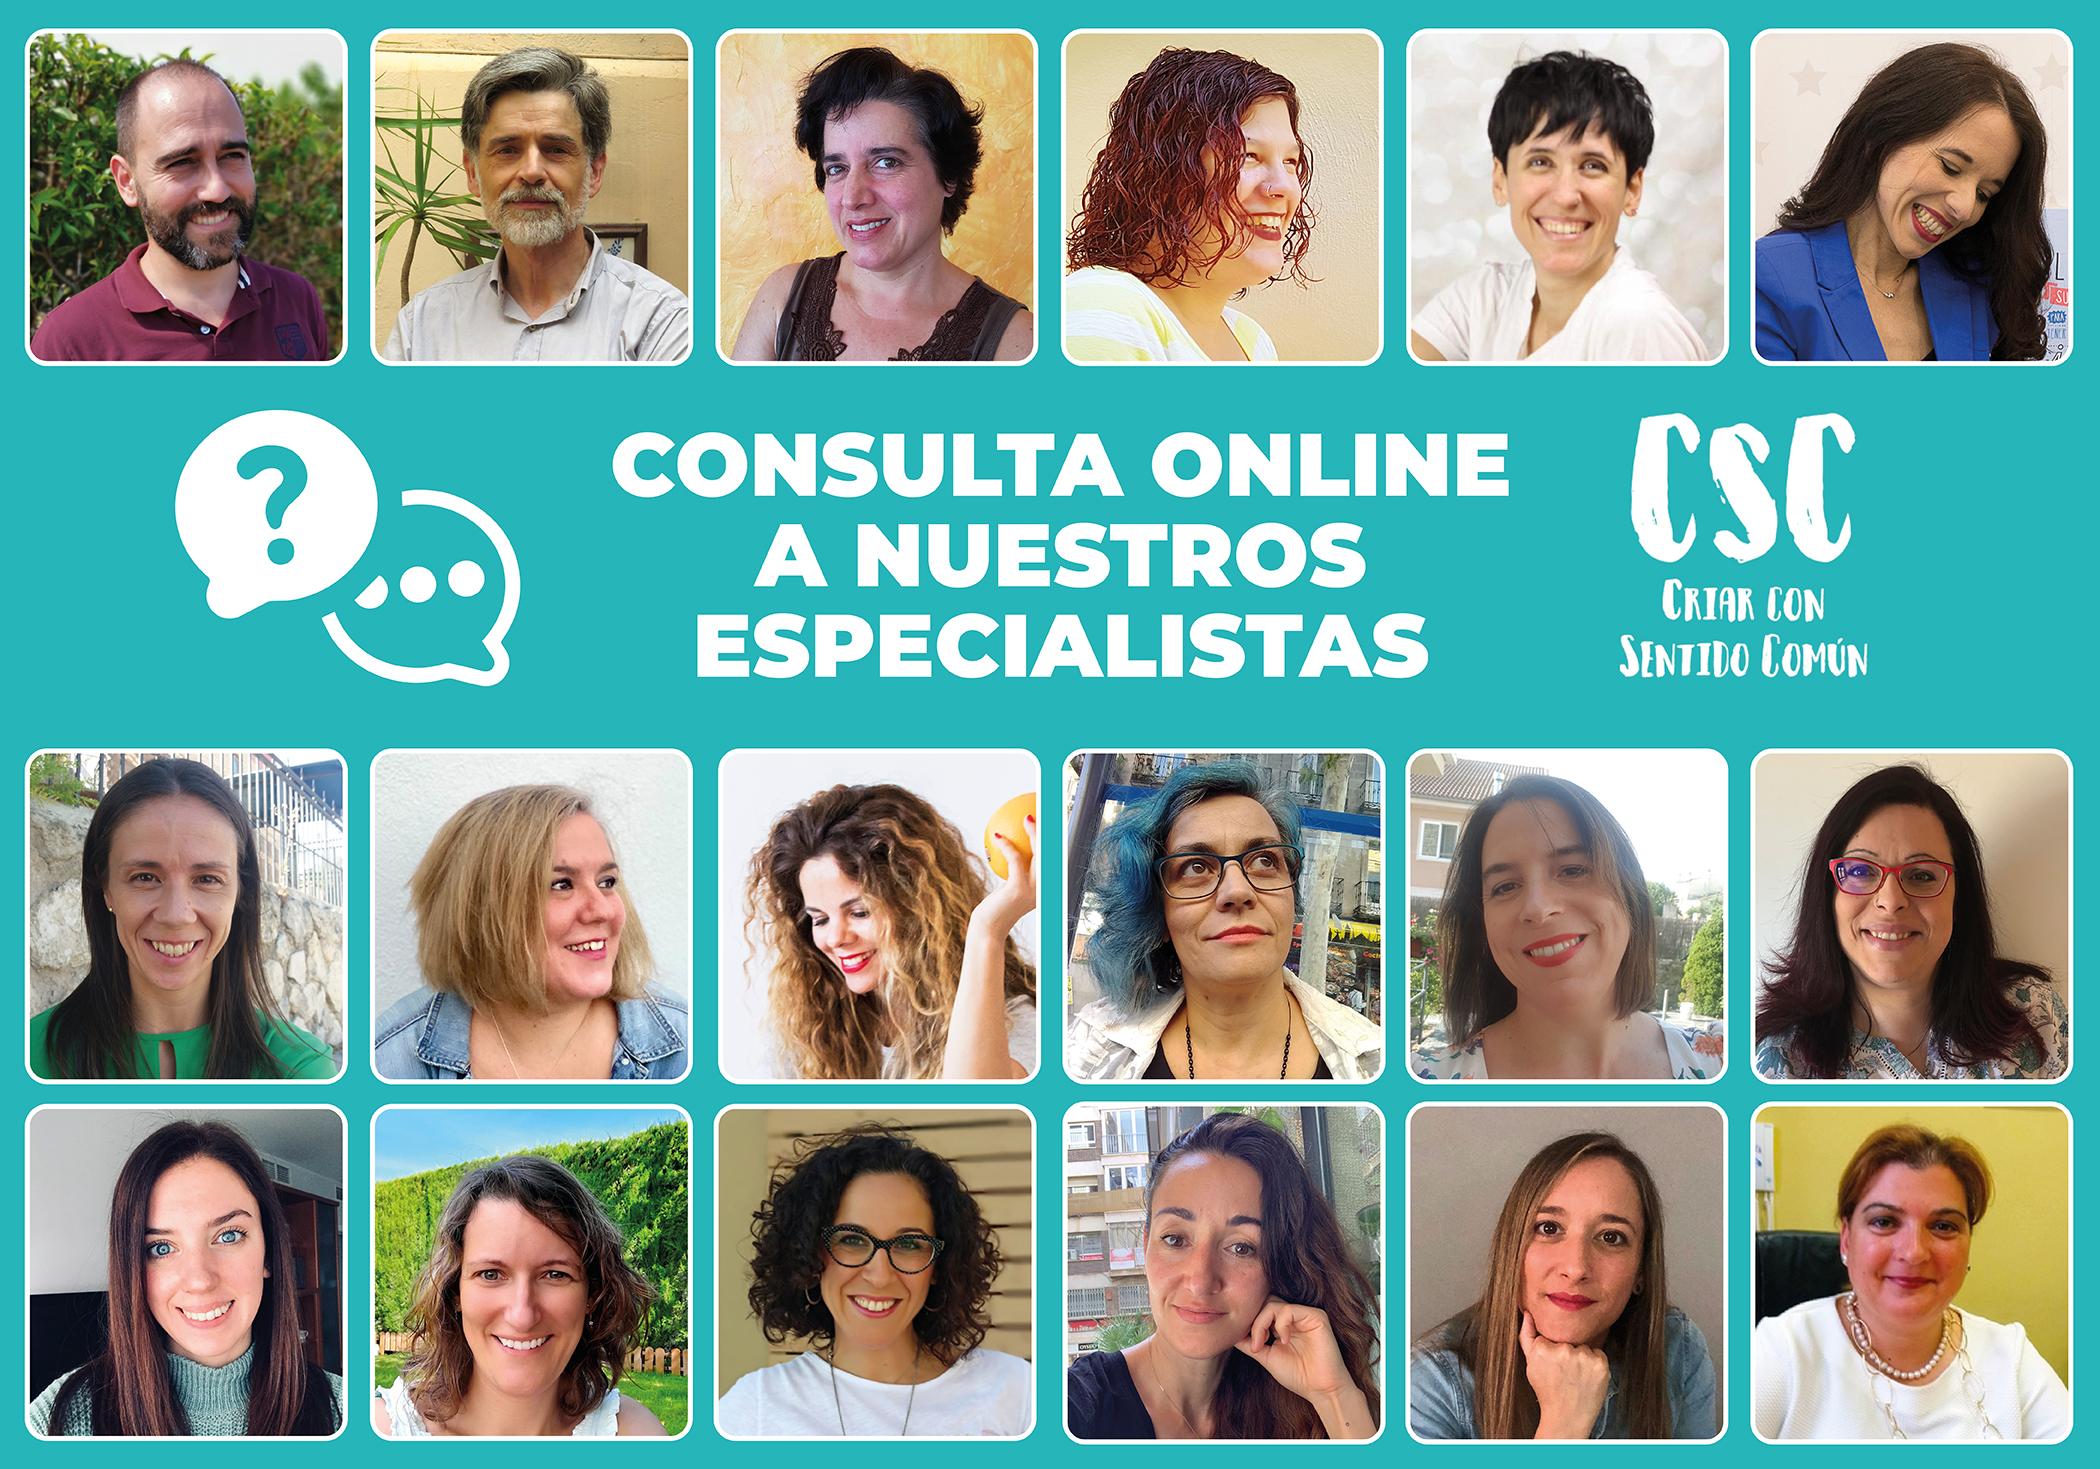 Consulta online a nuestros expertos